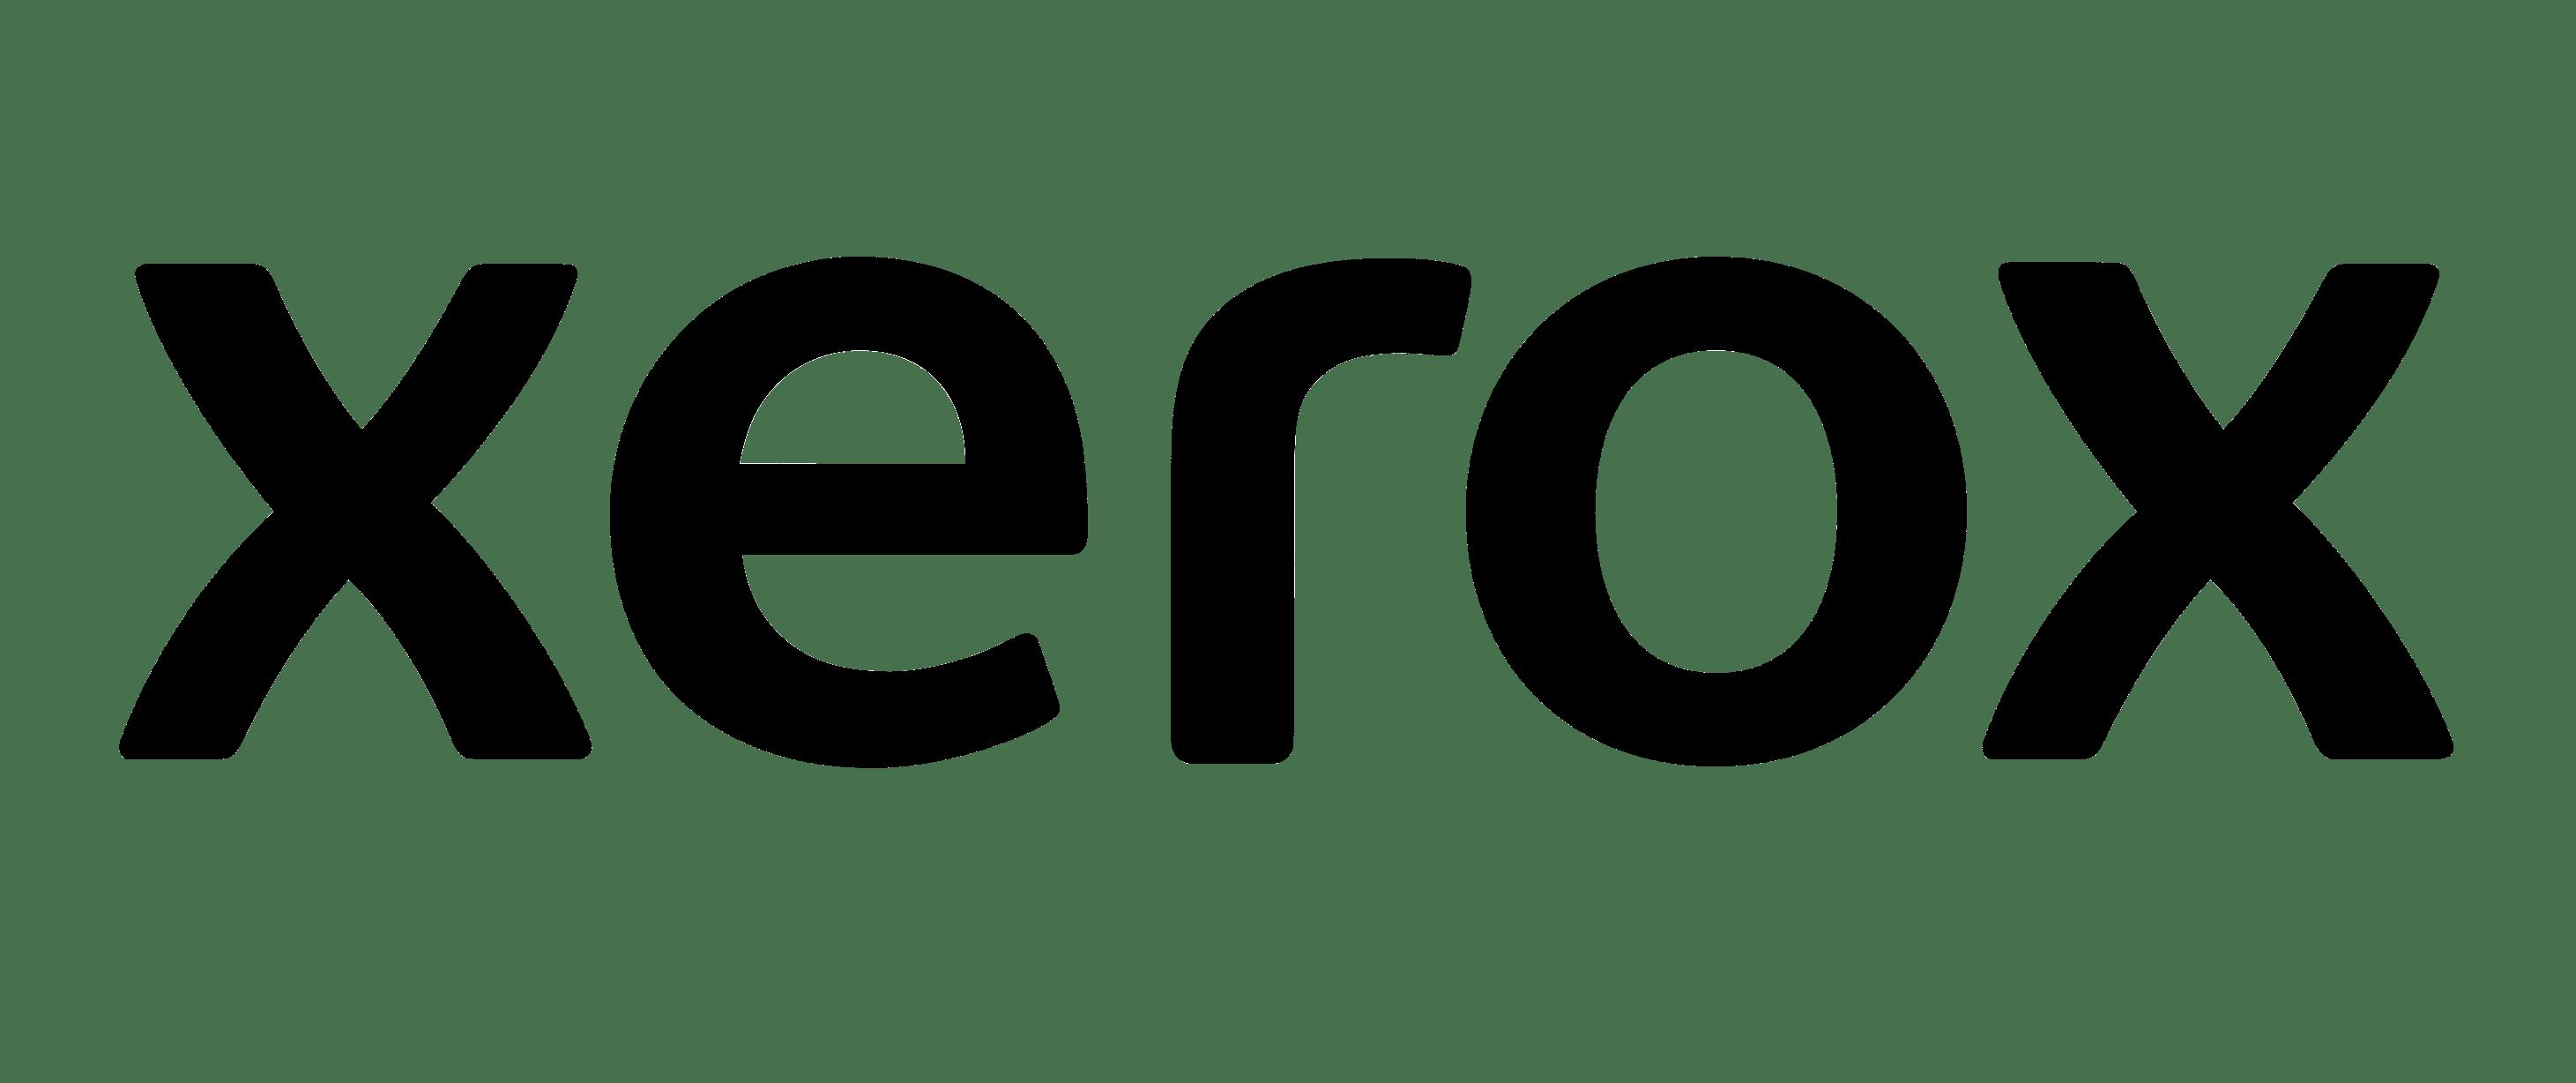 Font-Xerox-logo